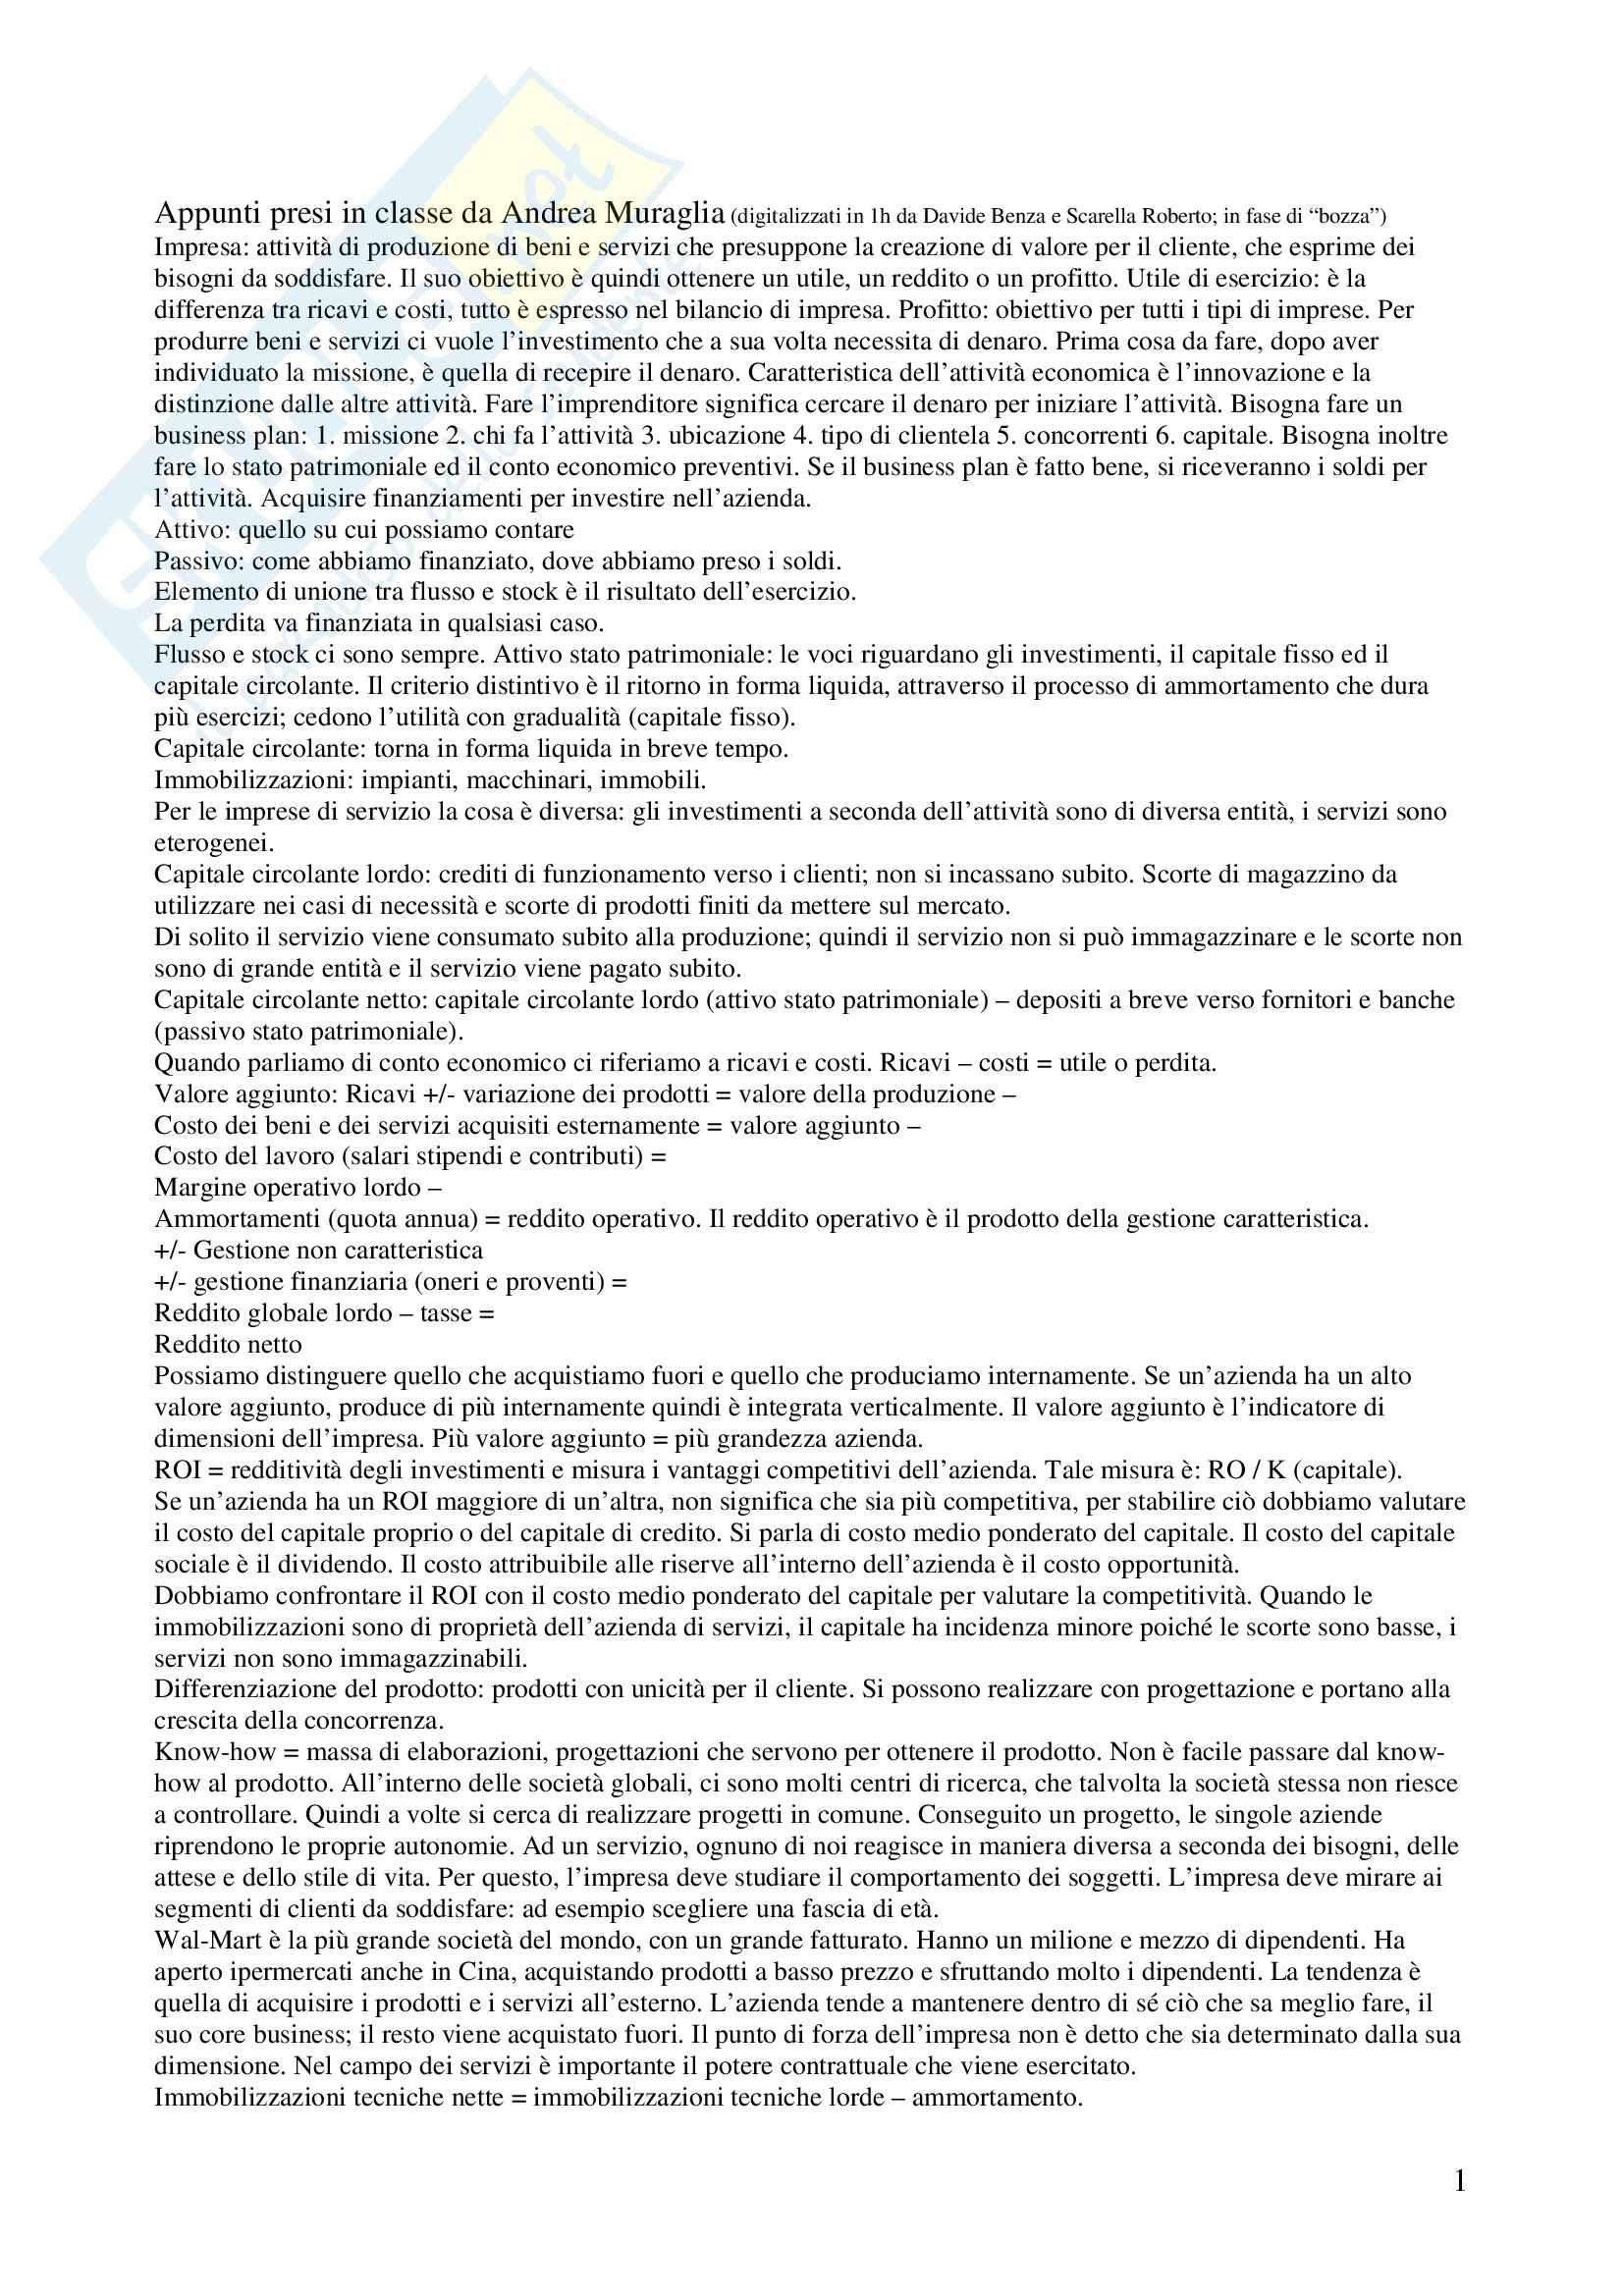 Economia e gestione delle imprese di servizio - Appunti